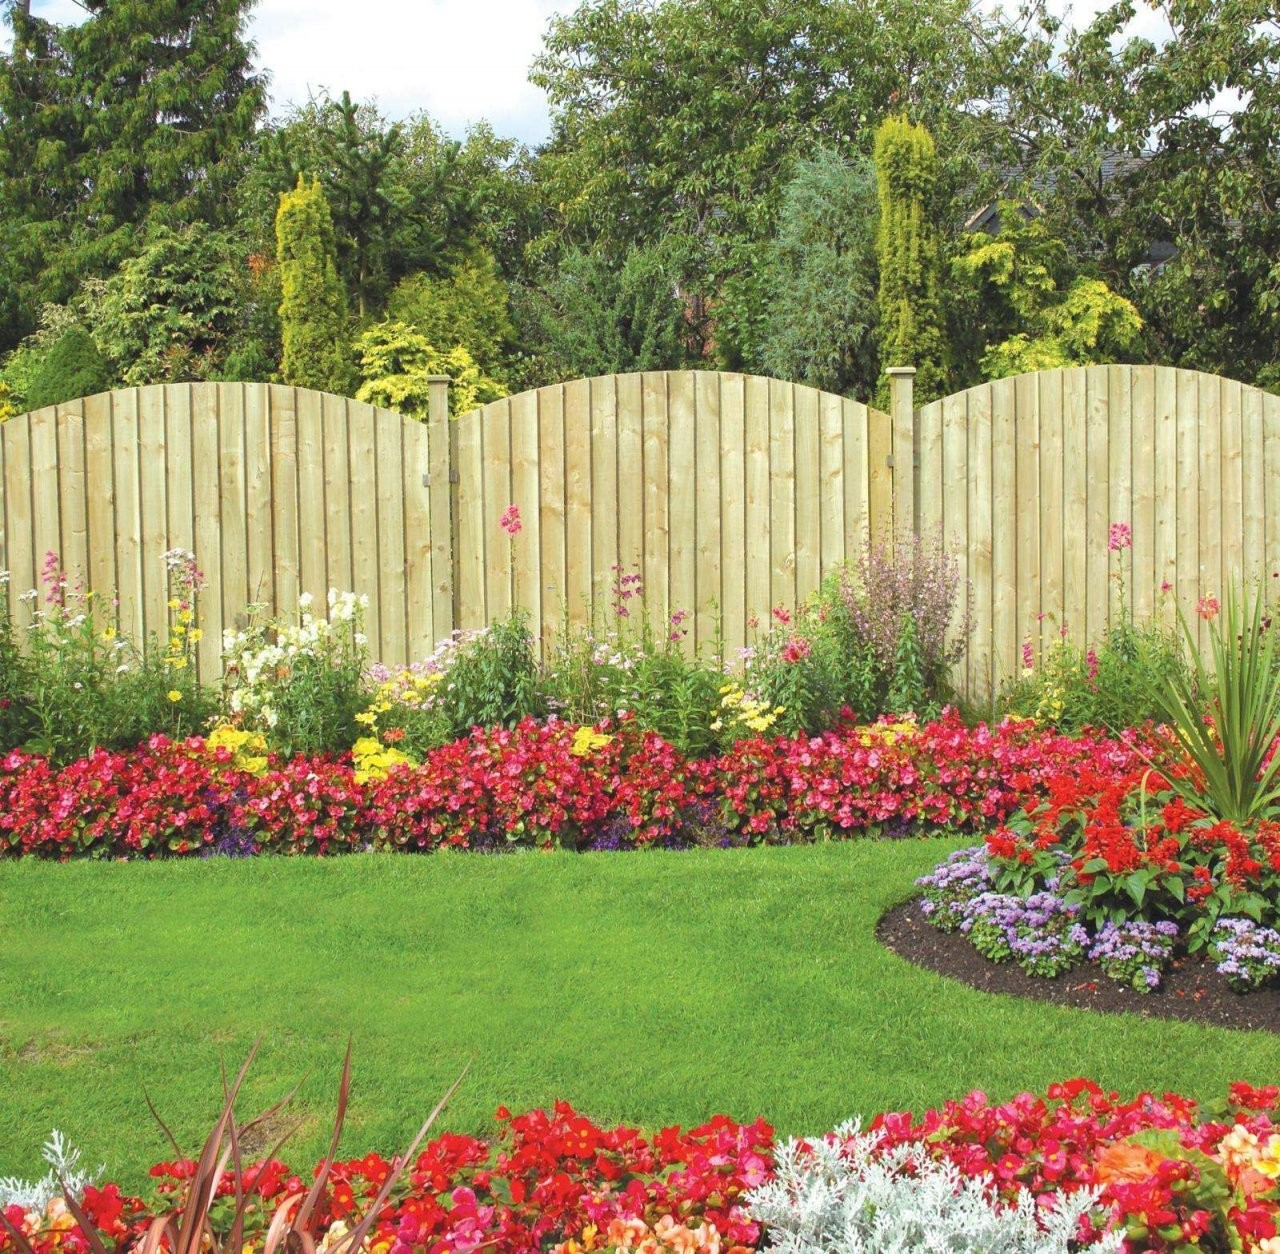 Atemberaubende Ideen Für Den Garten Inspiration Von Plane Für Balkon von Atemberaubende Ideen Für Den Garten Bild